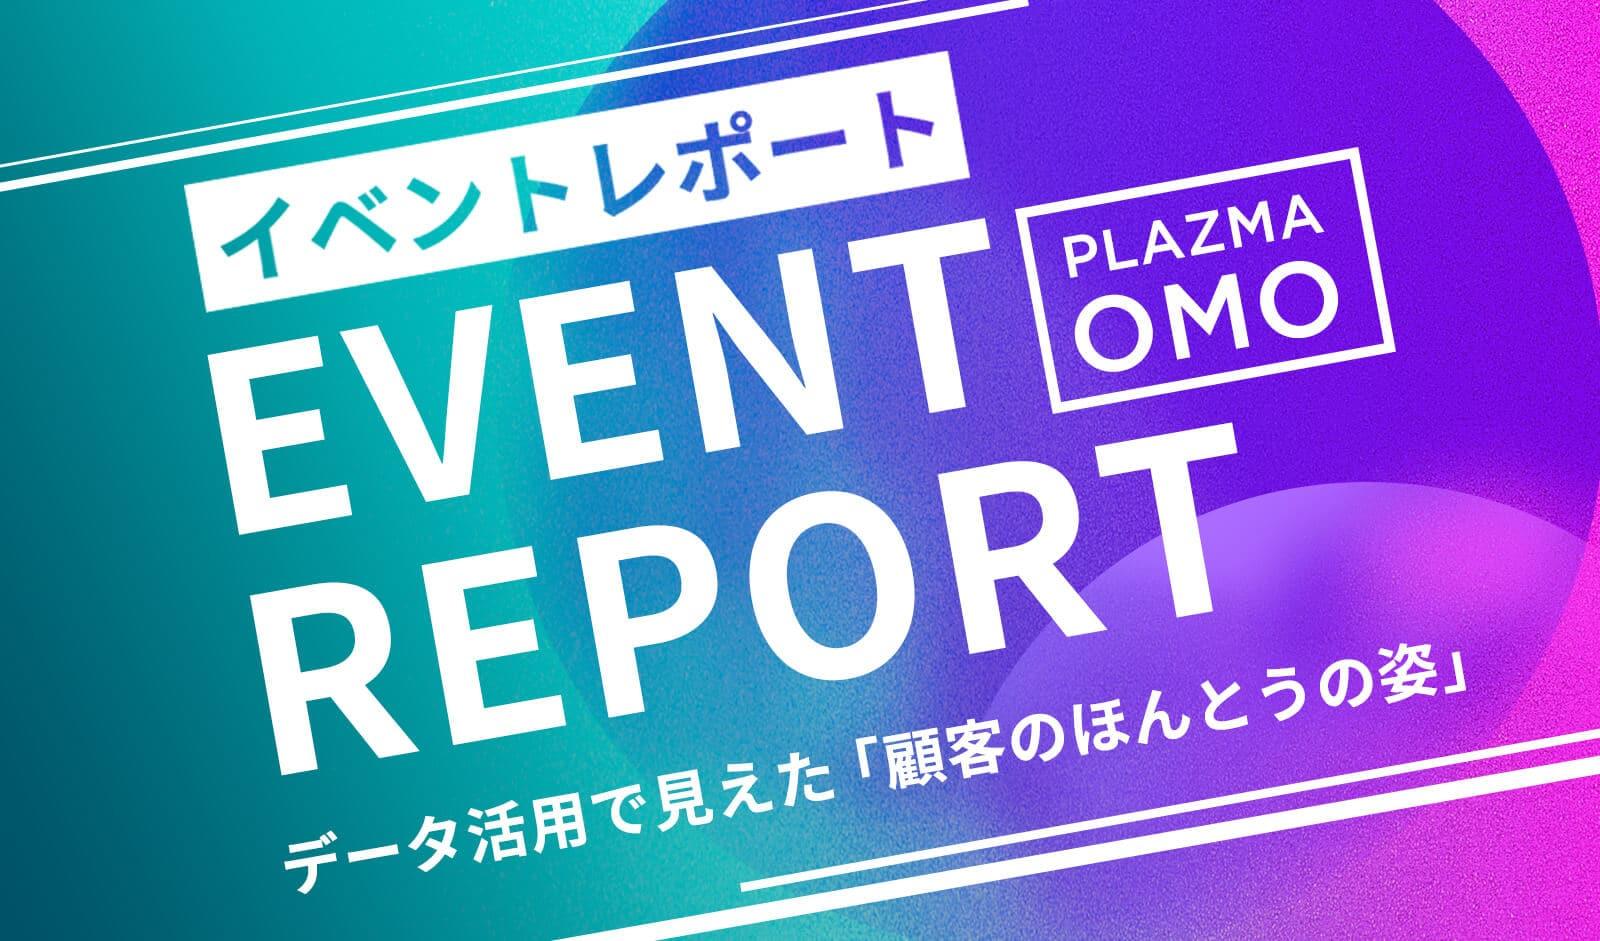 OMOにおけるデータ活用で見えた「顧客のほんとうの姿」| PLAZMA OMO イベントレポート